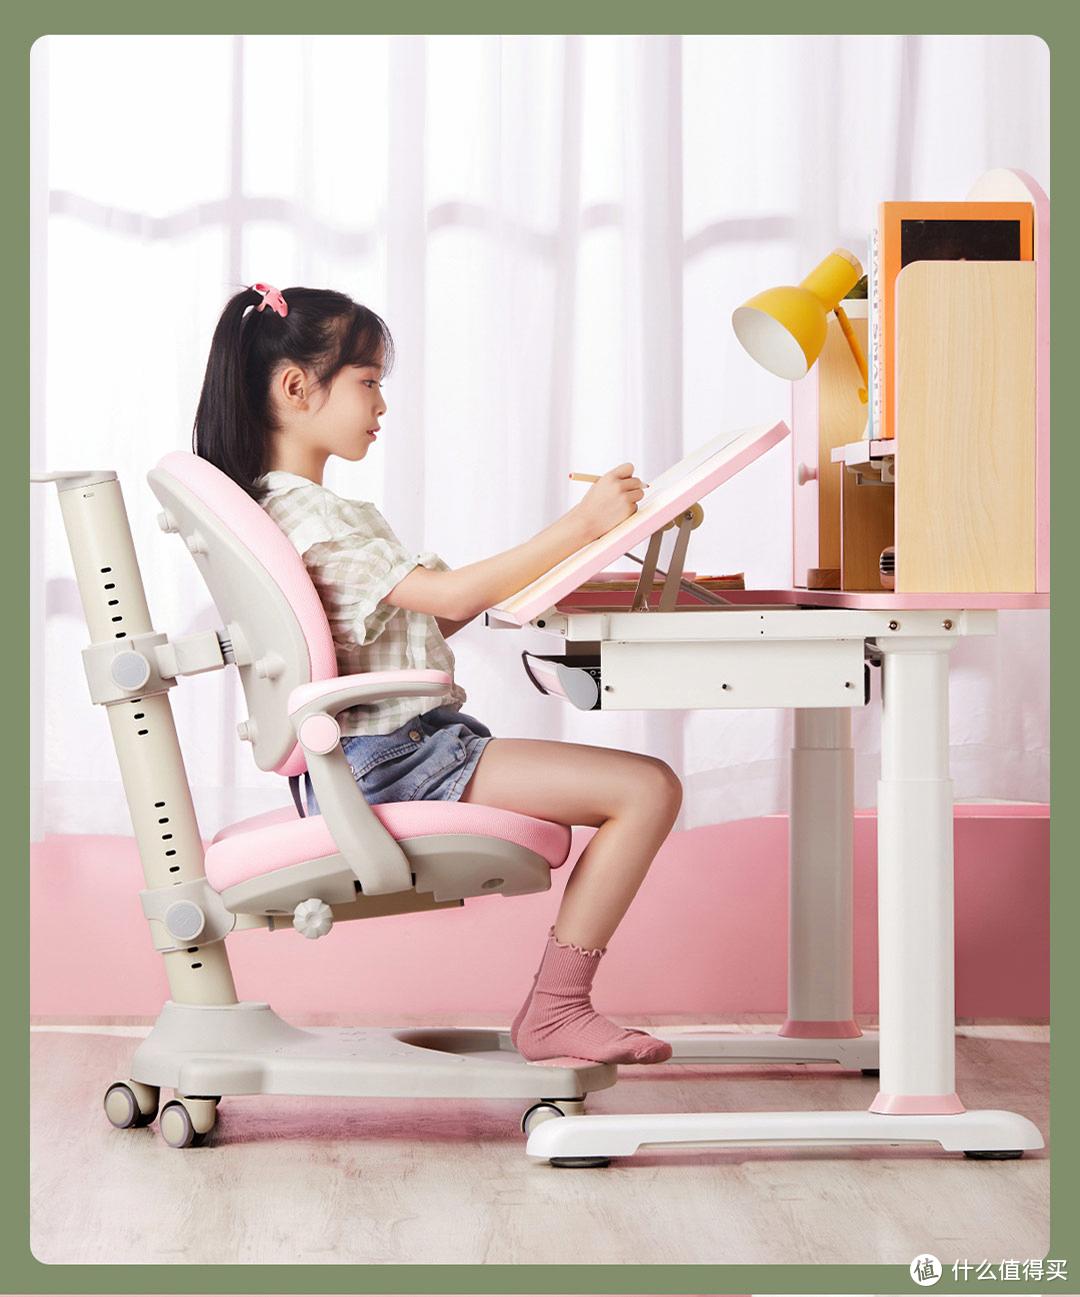 小米有品电动升降儿童学习桌盘点,4款产品从小童到少年,详评推荐!